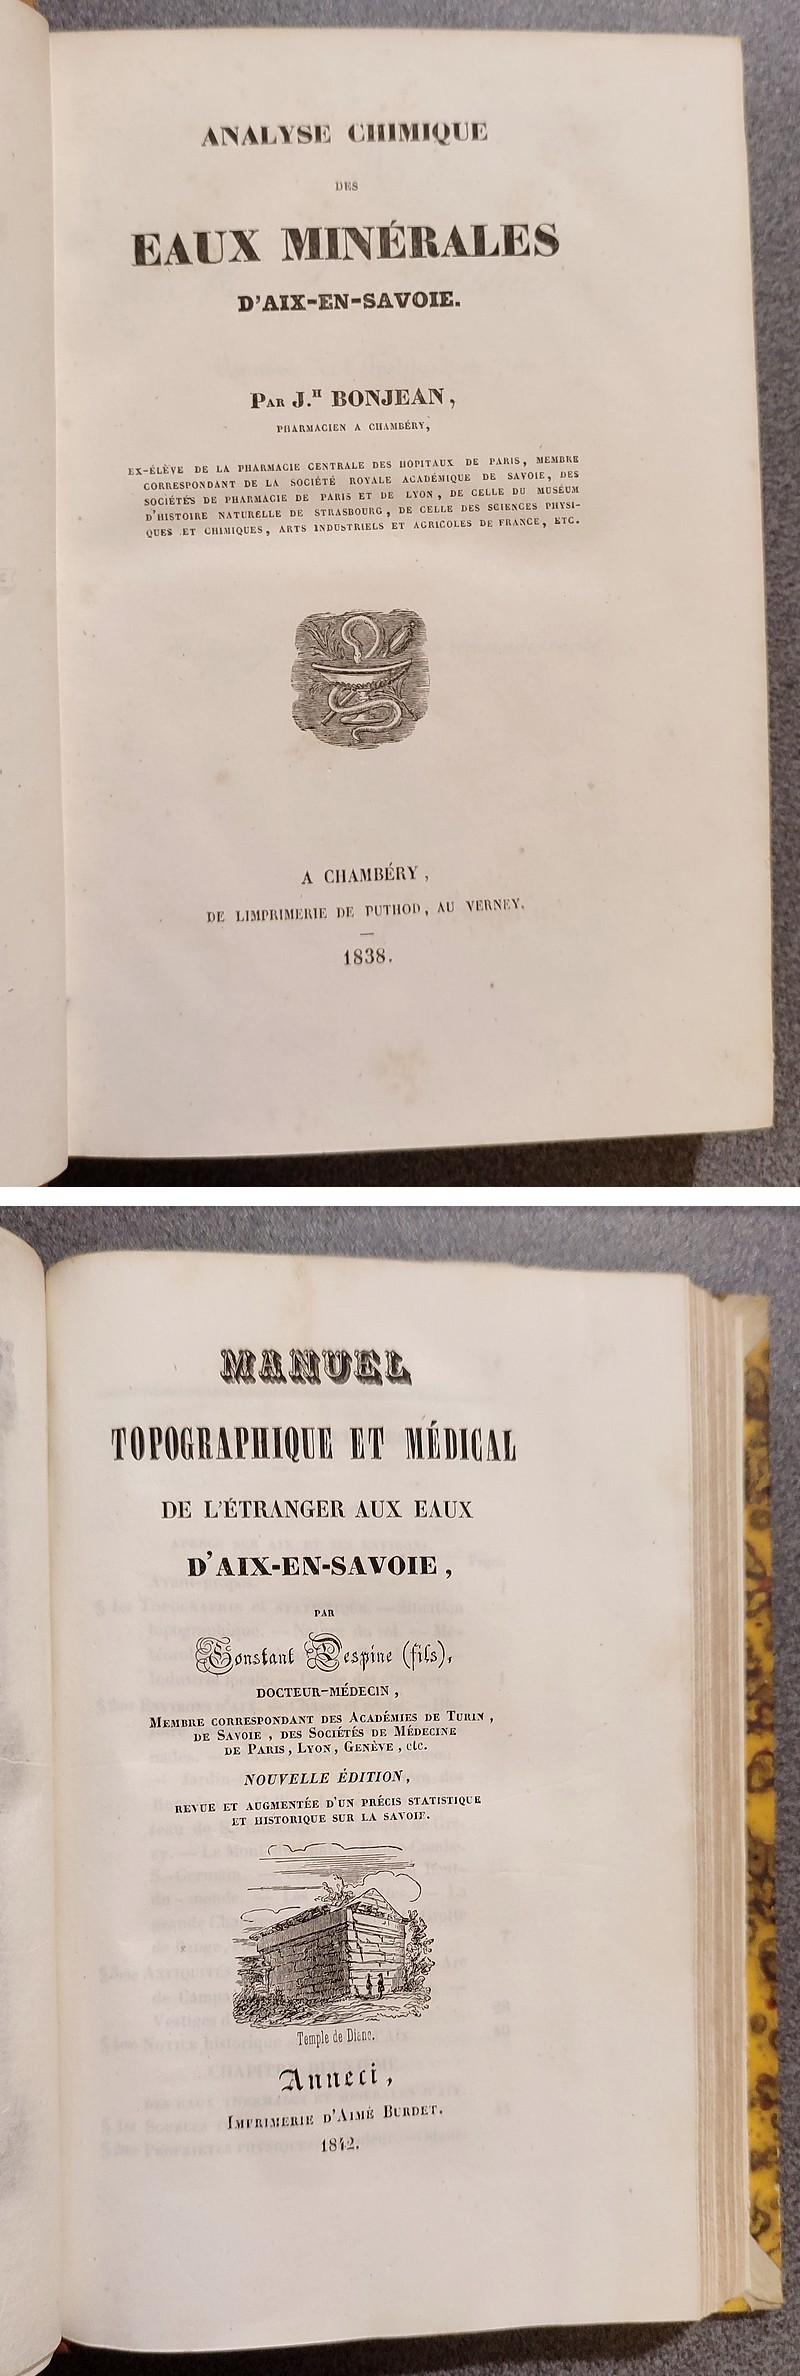 Livre ancien Savoie - Analyse chimique des eaux minérales d'Aix en Savoie par Bonjean, relié avec... - Bonjean, J. H. (pharmacien à Chambéry) & Despine, Constant (Fils)